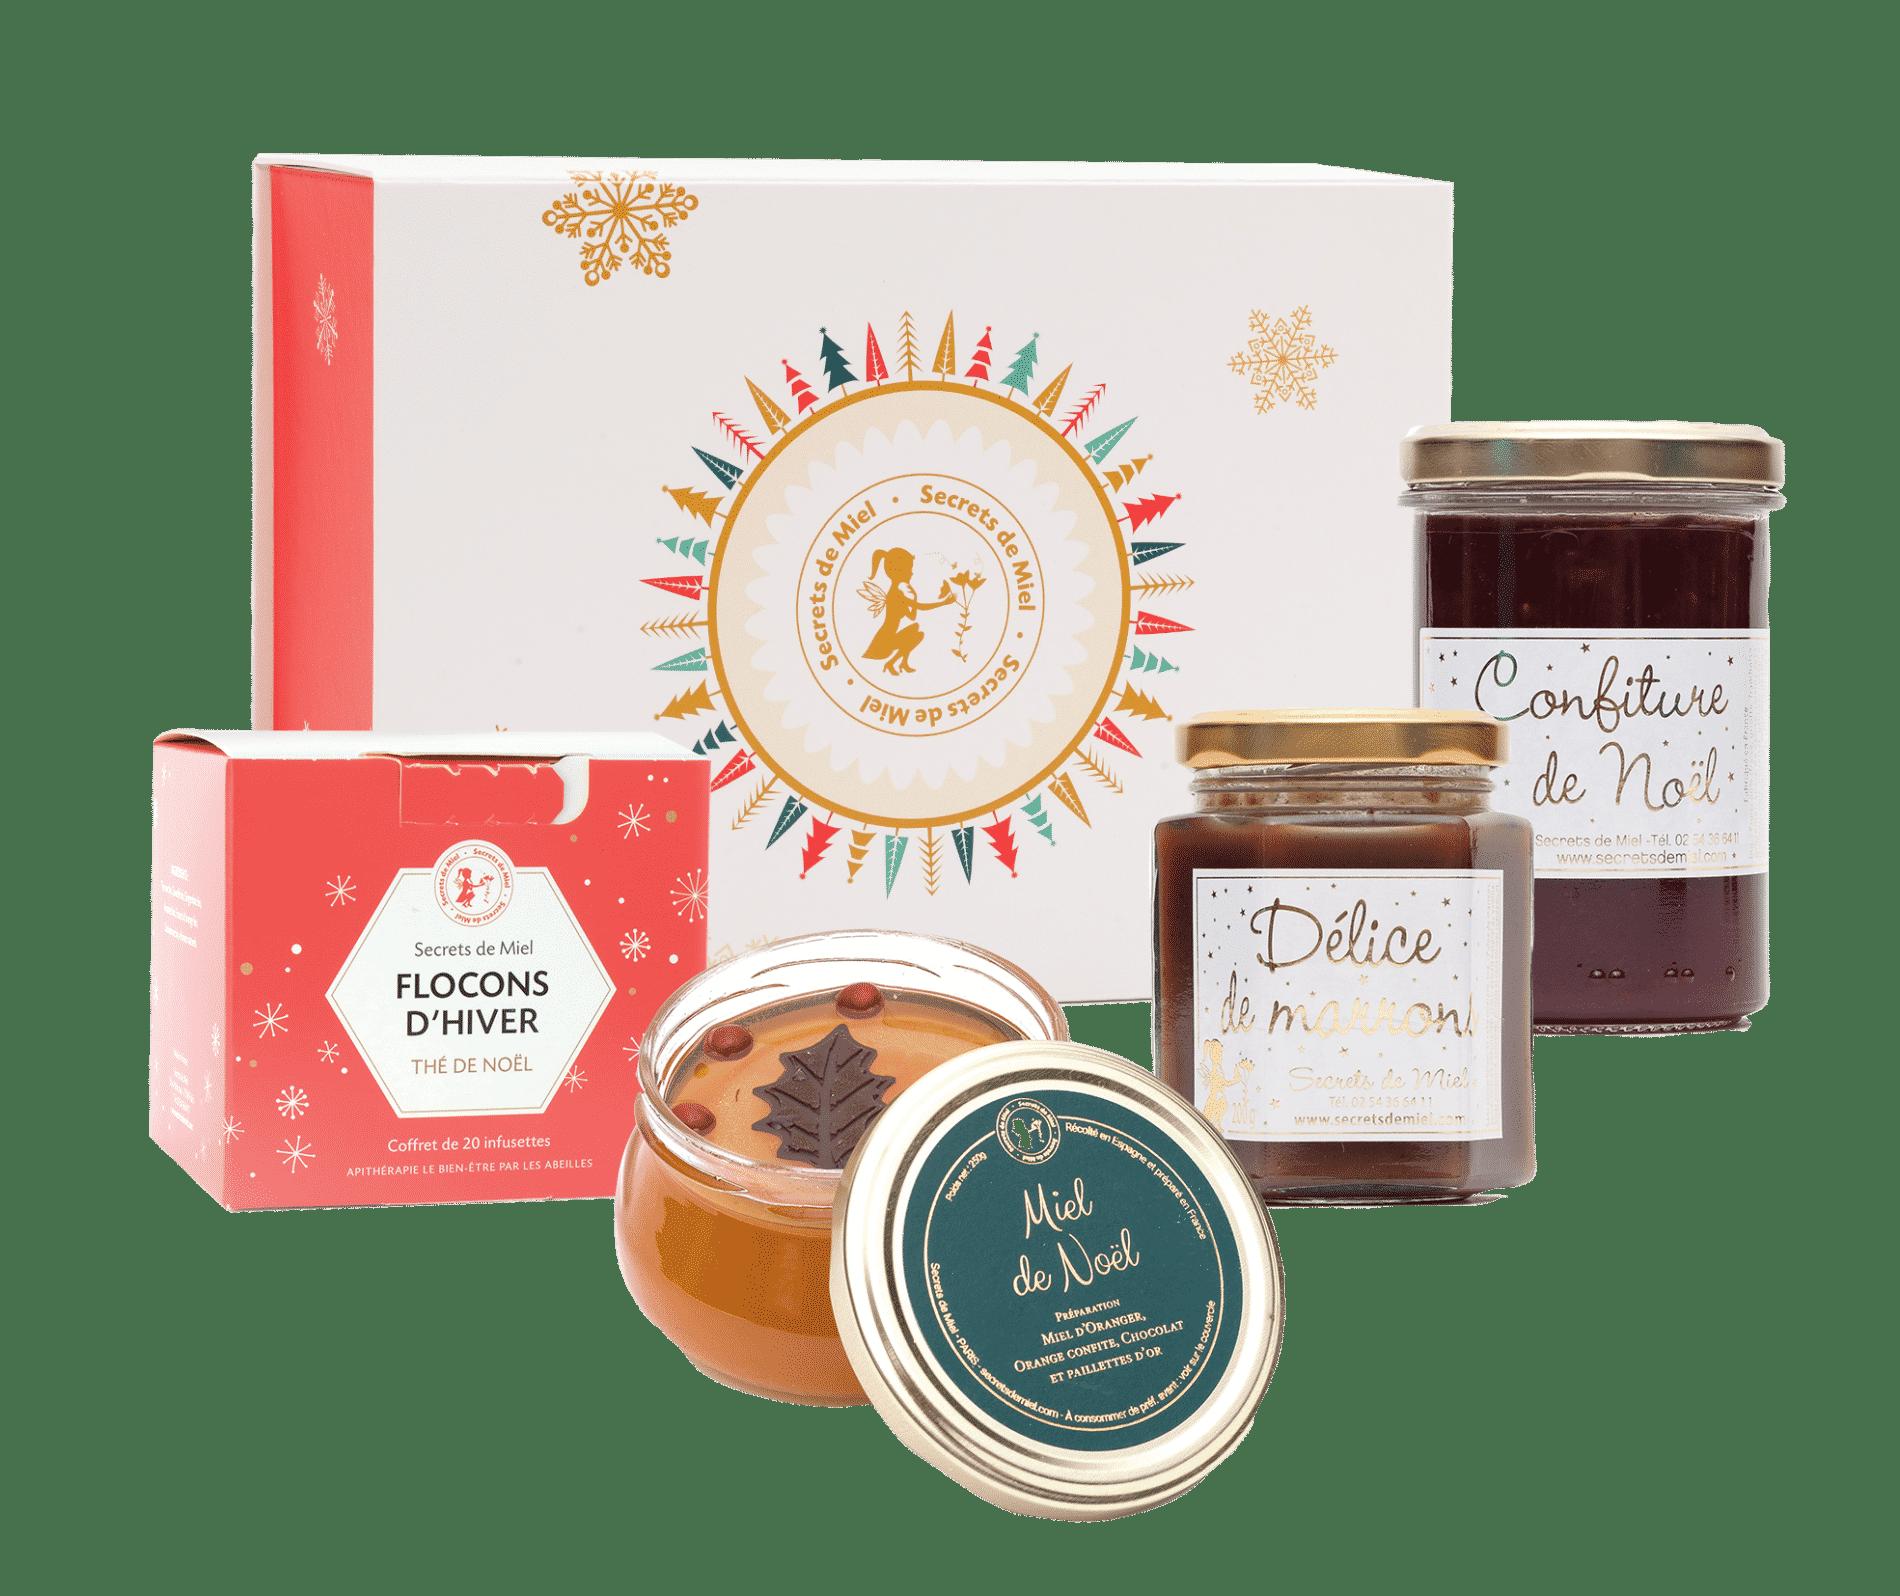 coffret sur mesure - Noël - produits naturels et locaux - produits gourmands - coffret gourmet - Secrets de Miel